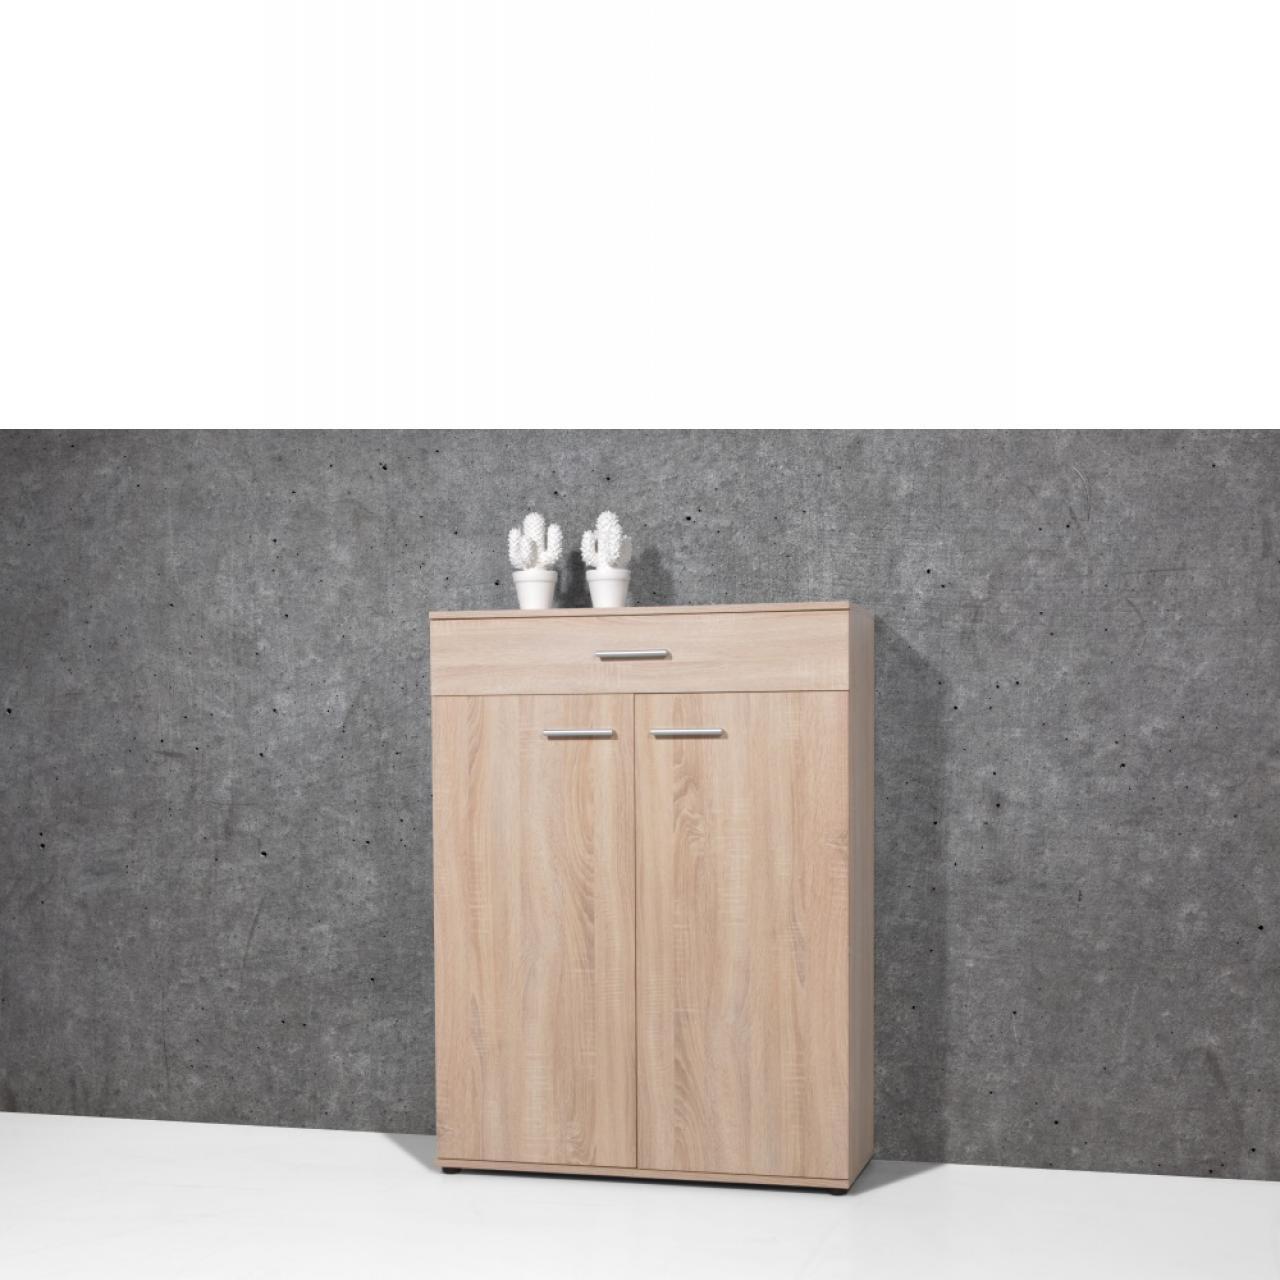 Schuhschrank, Schrank, Garderobenschrank, Wandschrank, Sonoma Eiche, 89x120 cm